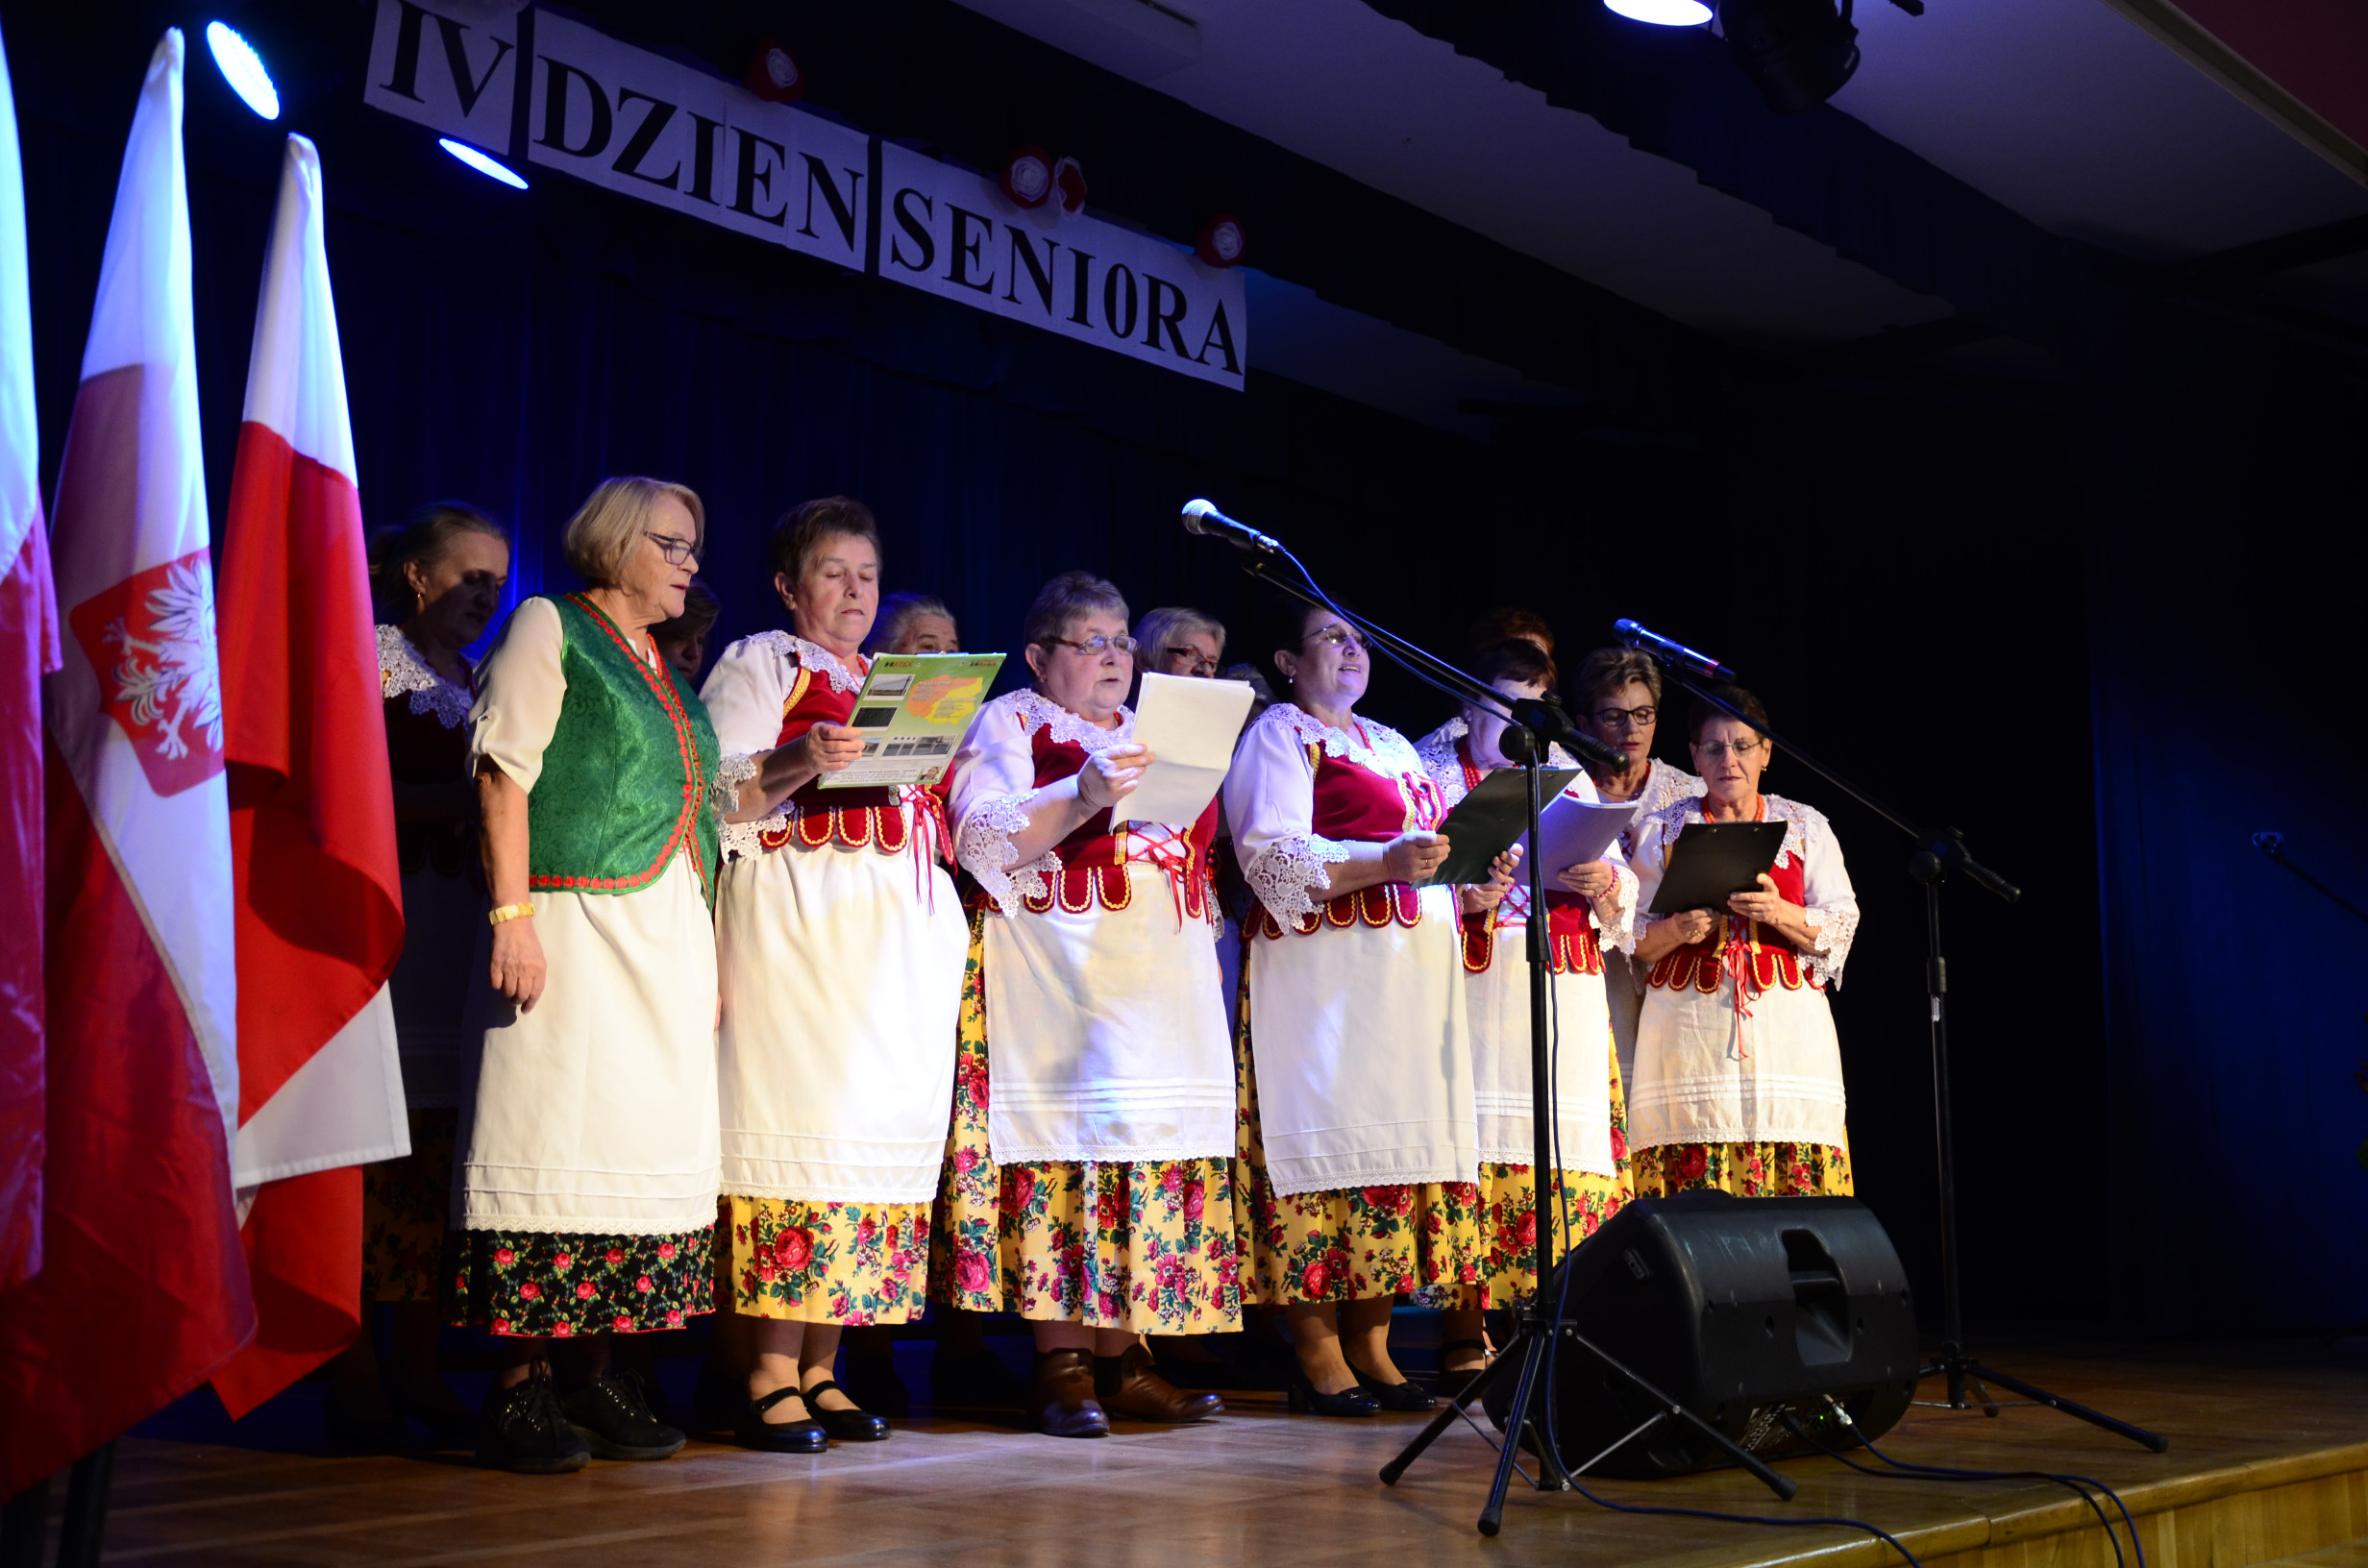 W Cmolasie odbył się Dzień Seniora. Zobaczcie zdjęcia - Zdjęcie główne